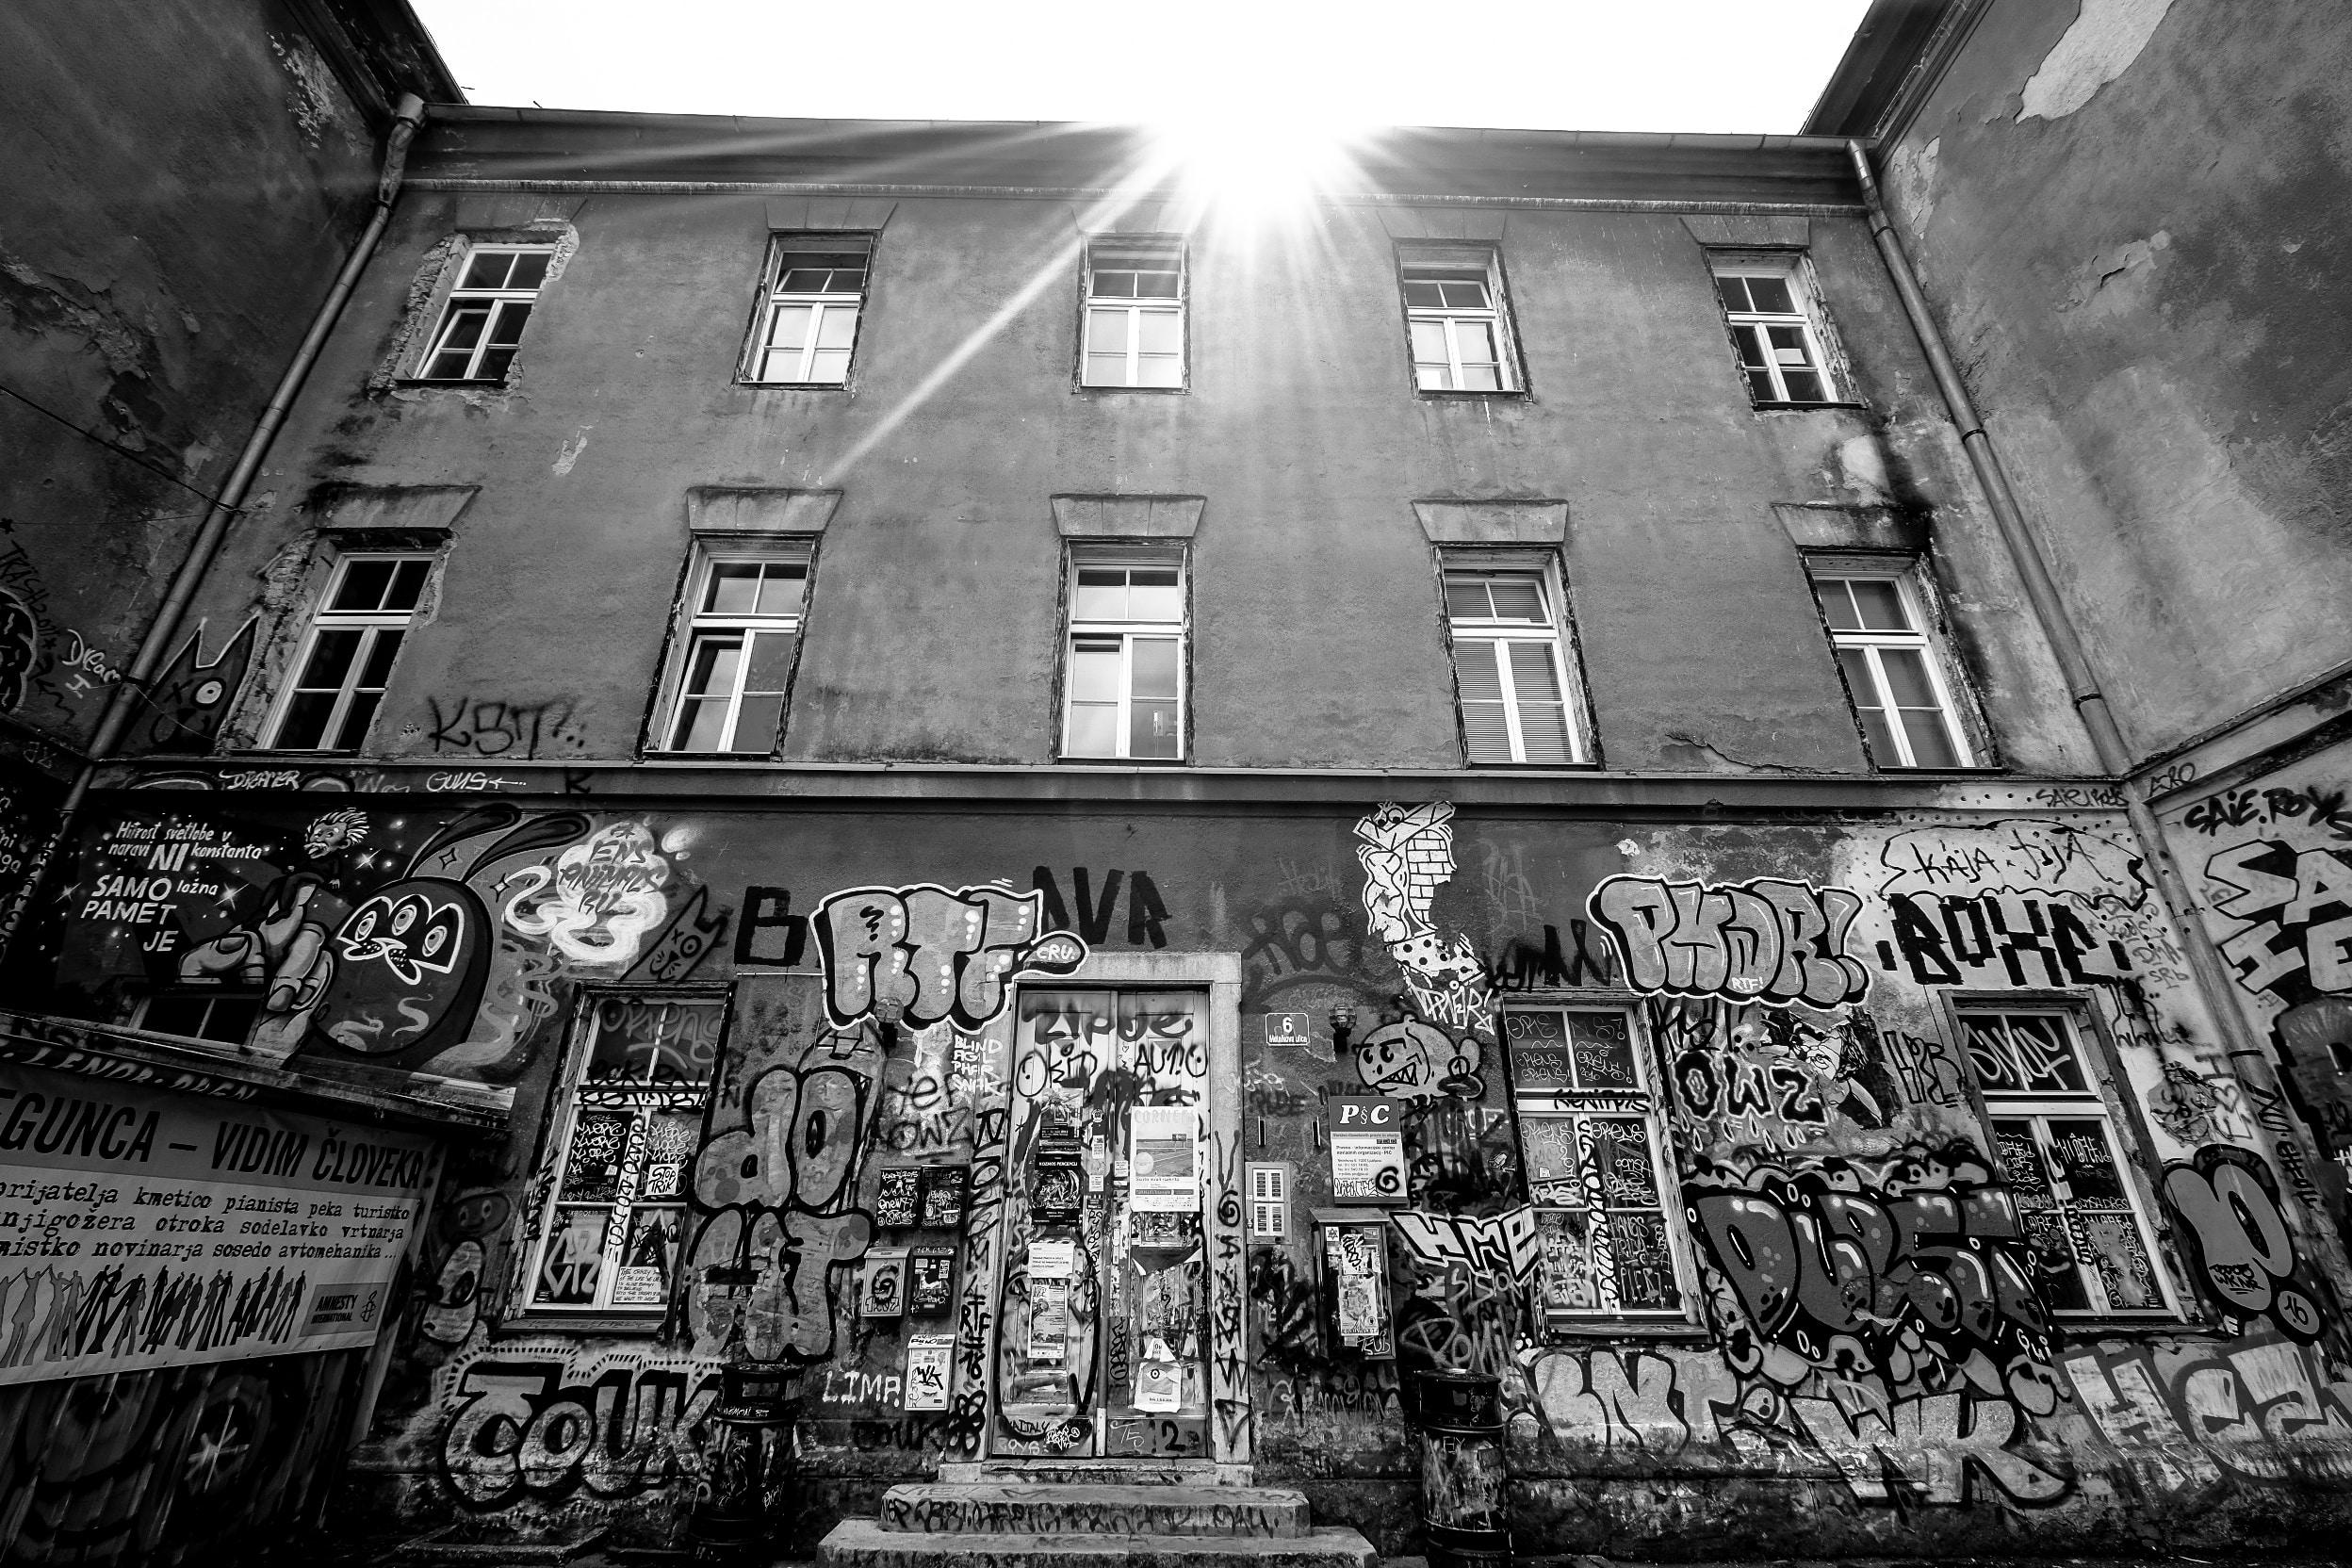 grayscale photo of graffiti